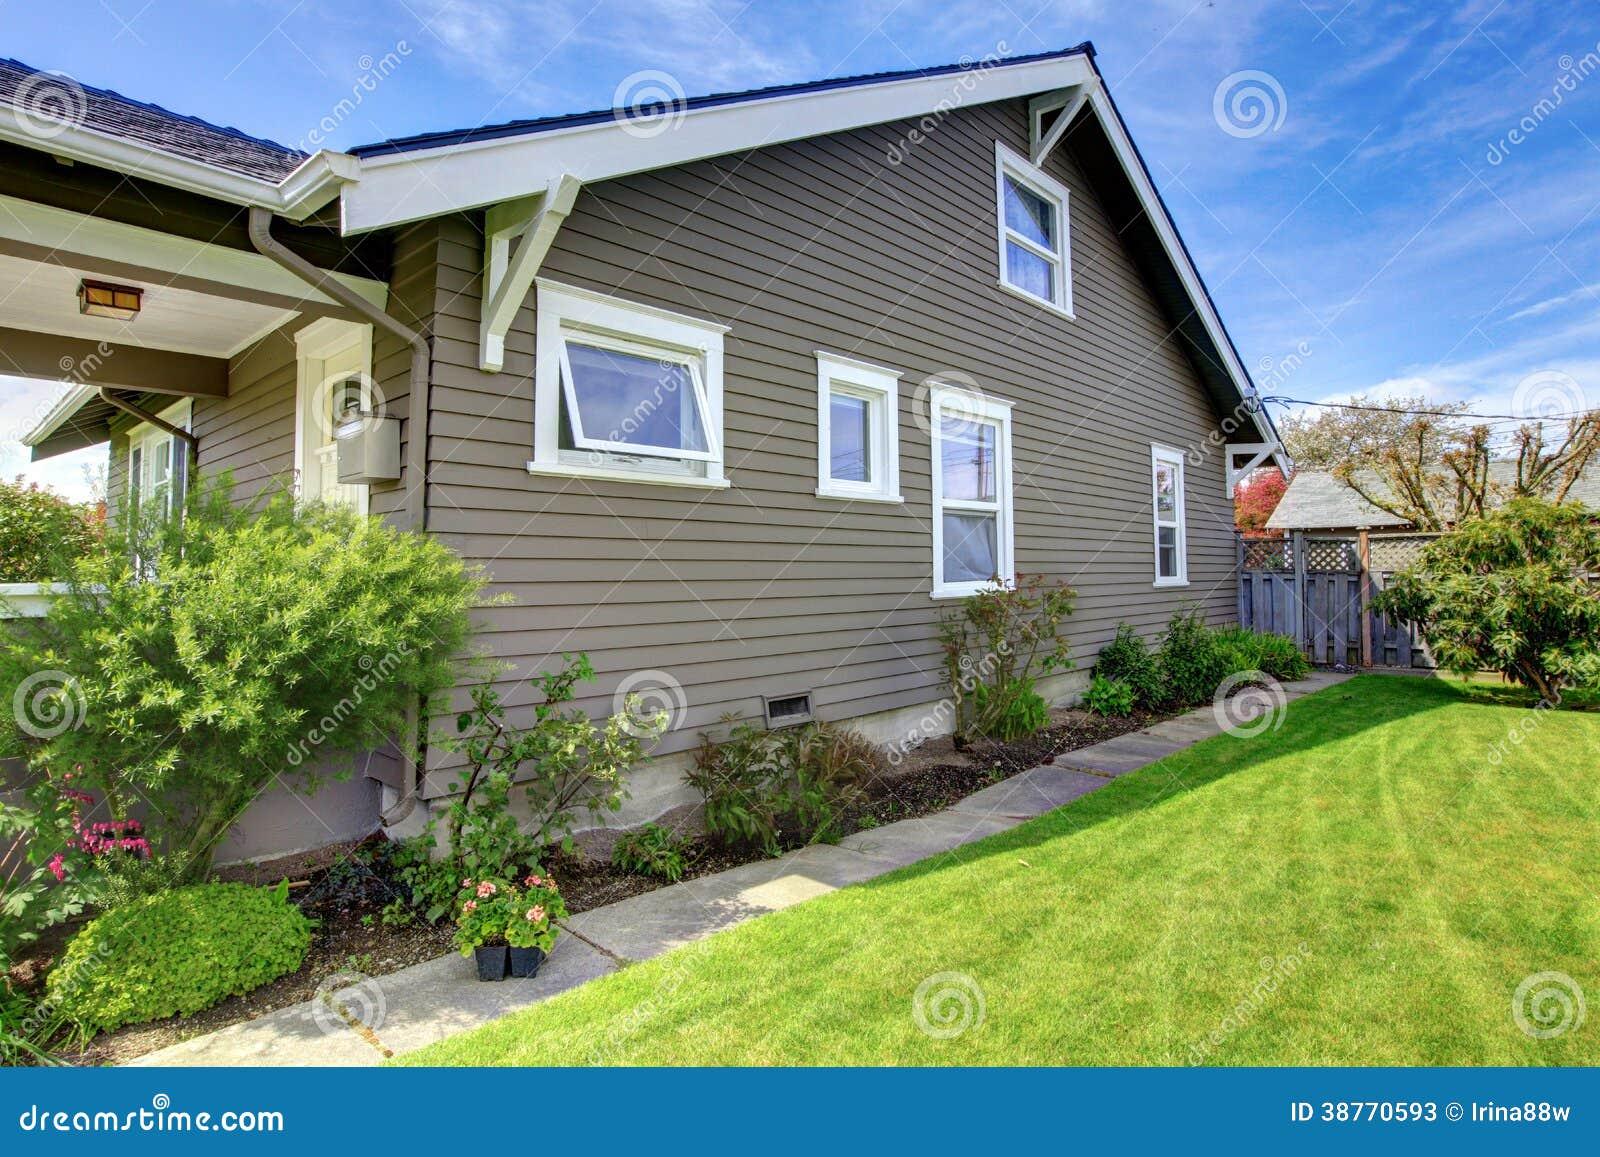 Zoccolo della camera con le finestre bianche fotografie stock immagine 38770593 - Finestre bianche ...